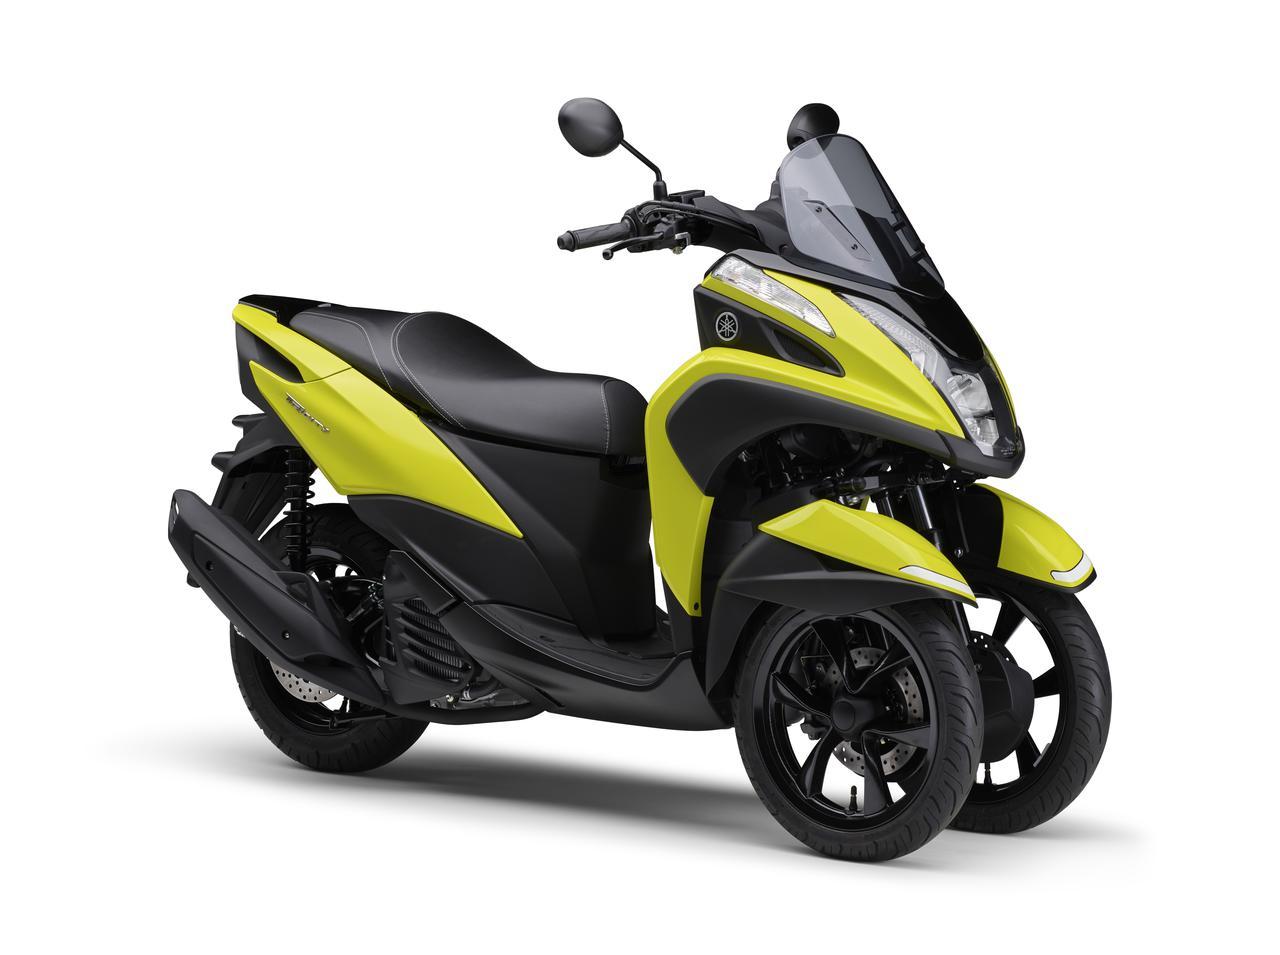 画像14: ヤマハが原付二種「トリシティ125」の2021年モデルを発売! 鮮明な新色〈イエロー〉が登場